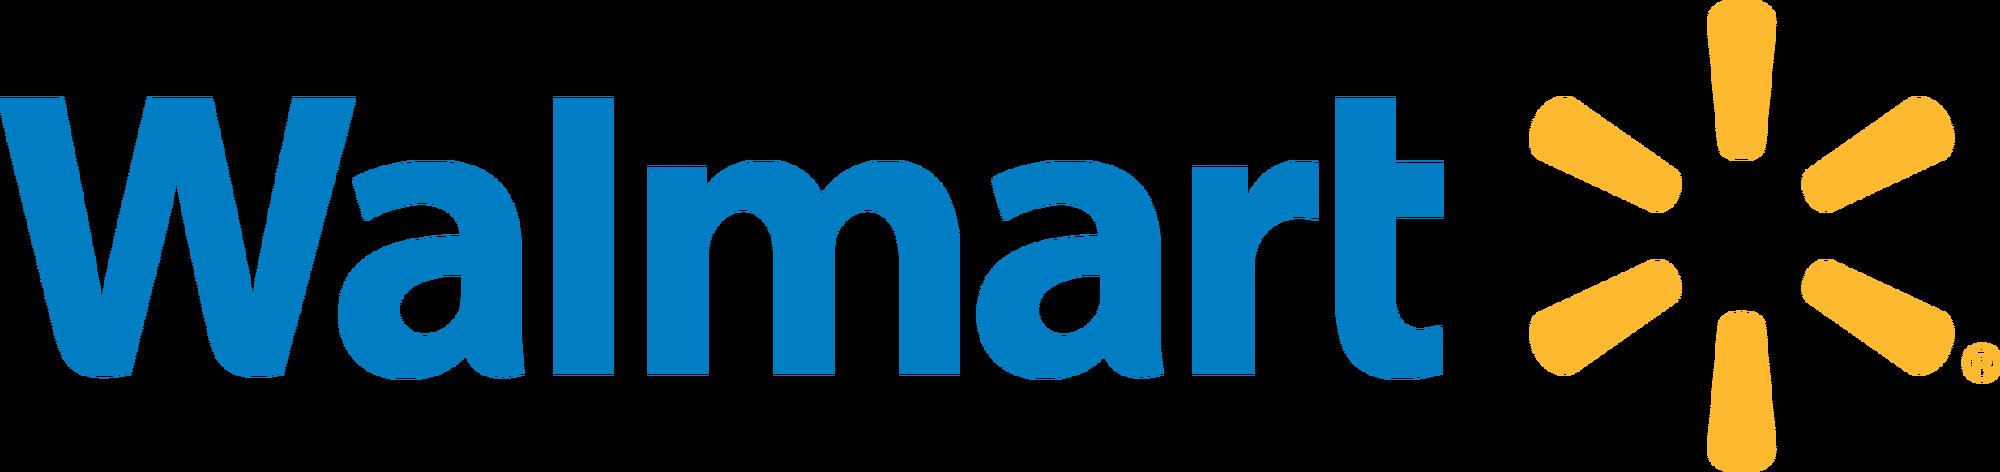 Walmart | Walmart Wiki | FANDOM powered by Wikia